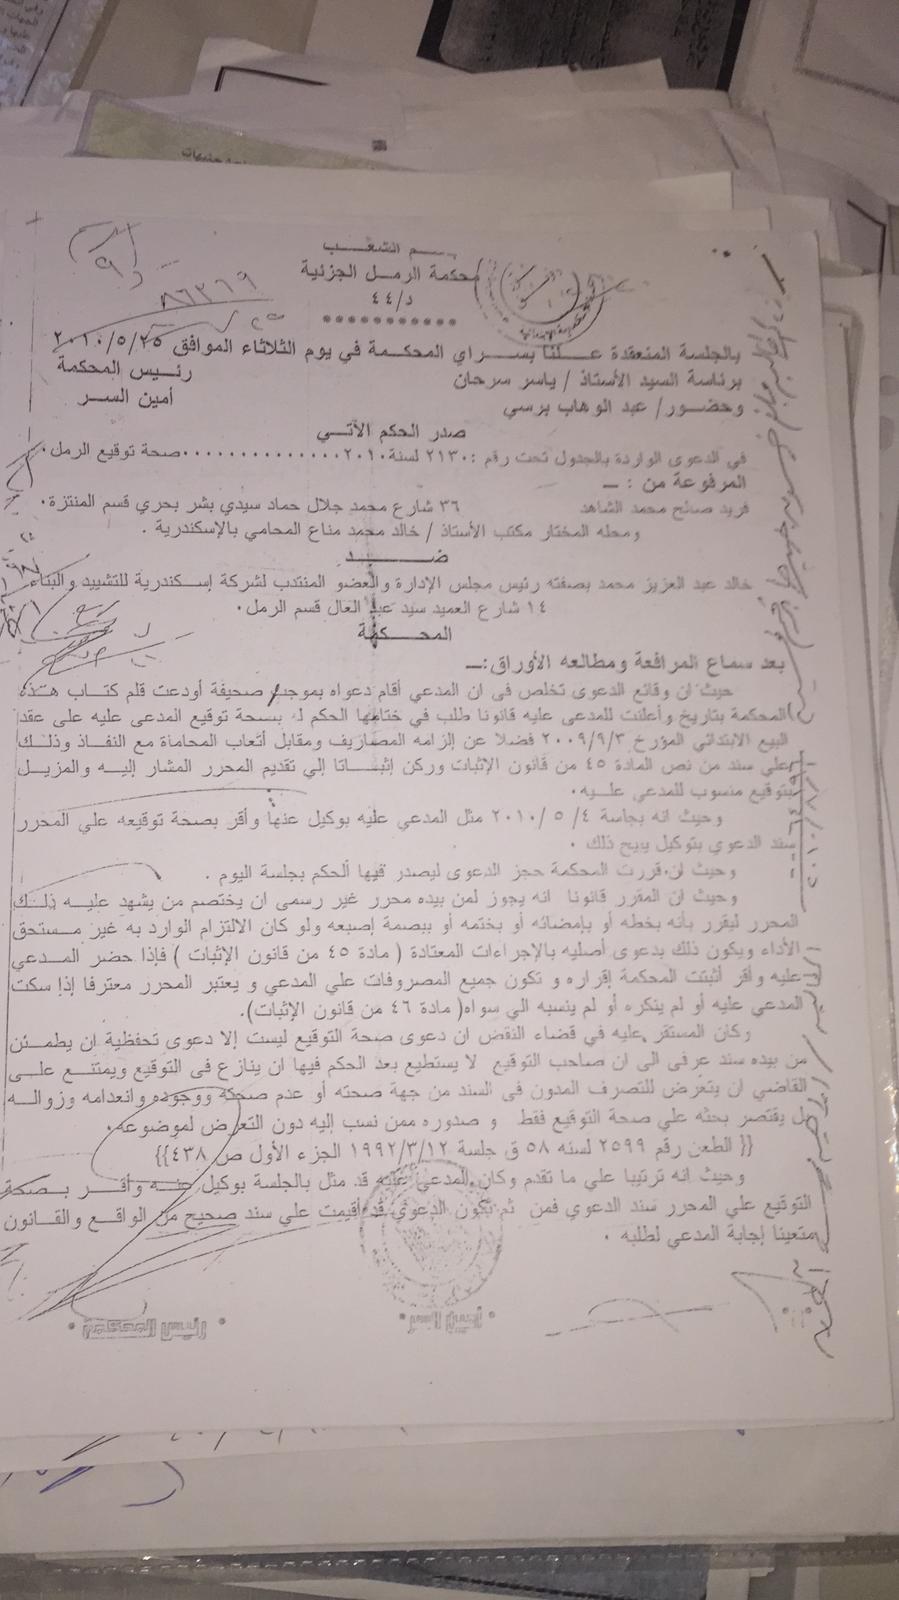 أزمة مشروع سيتي بالاس بالإسكندرية (77)